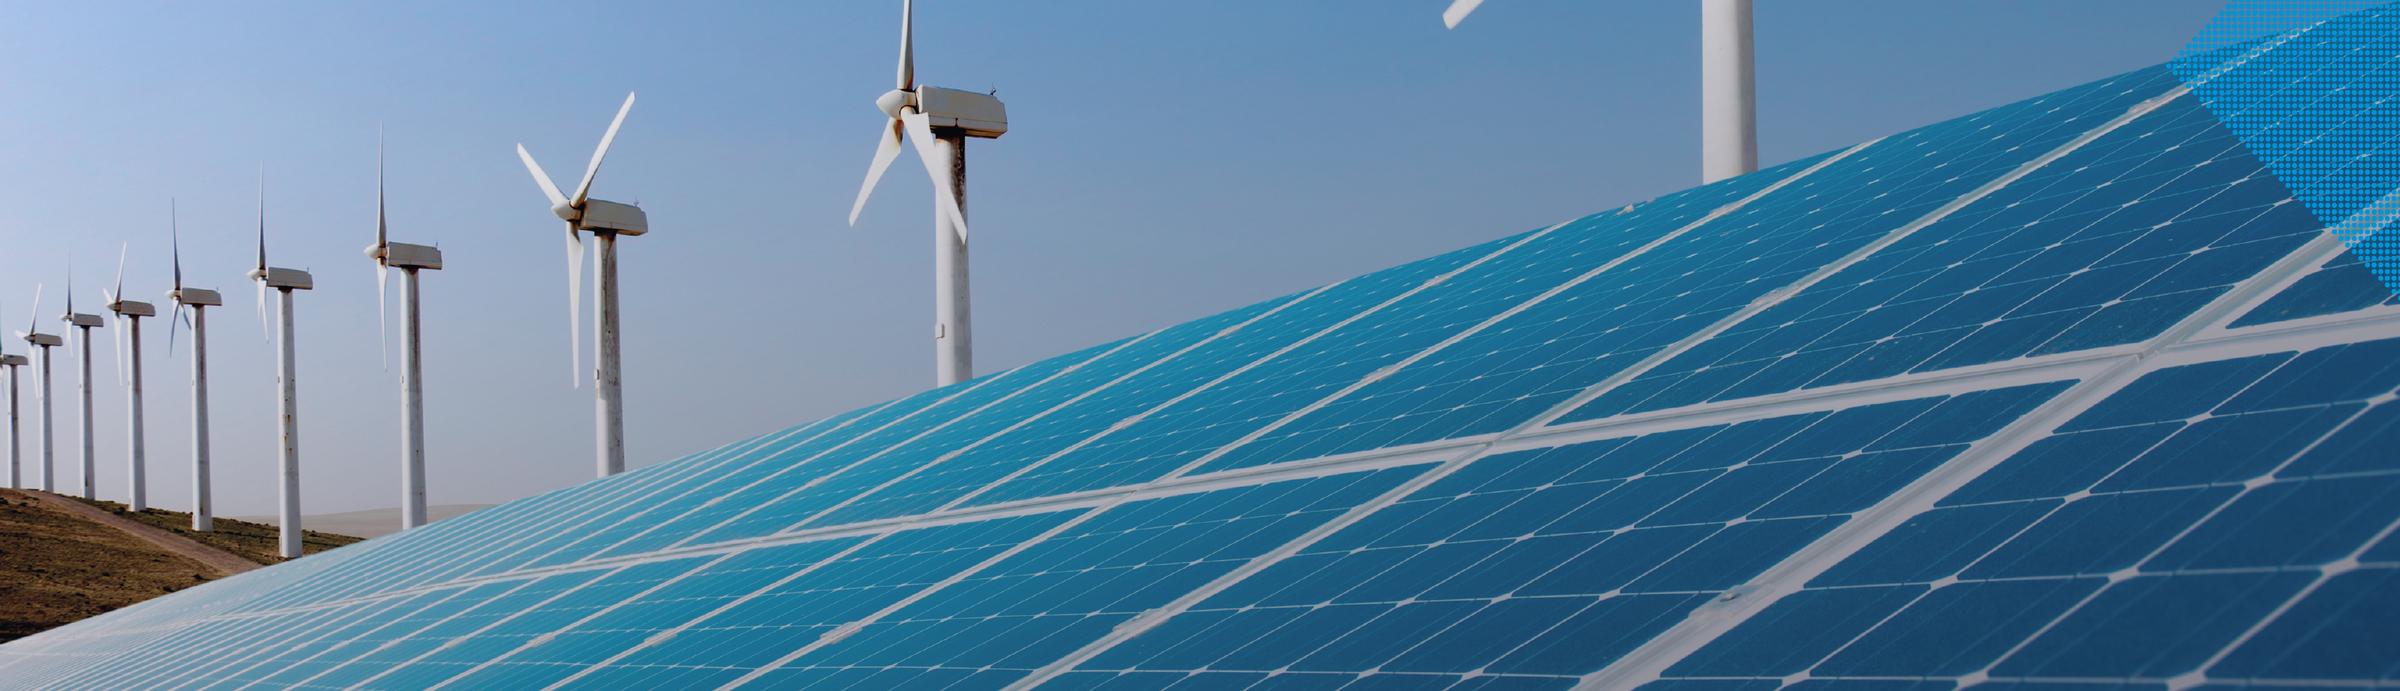 Domů - Obnovitelné zdroje energie